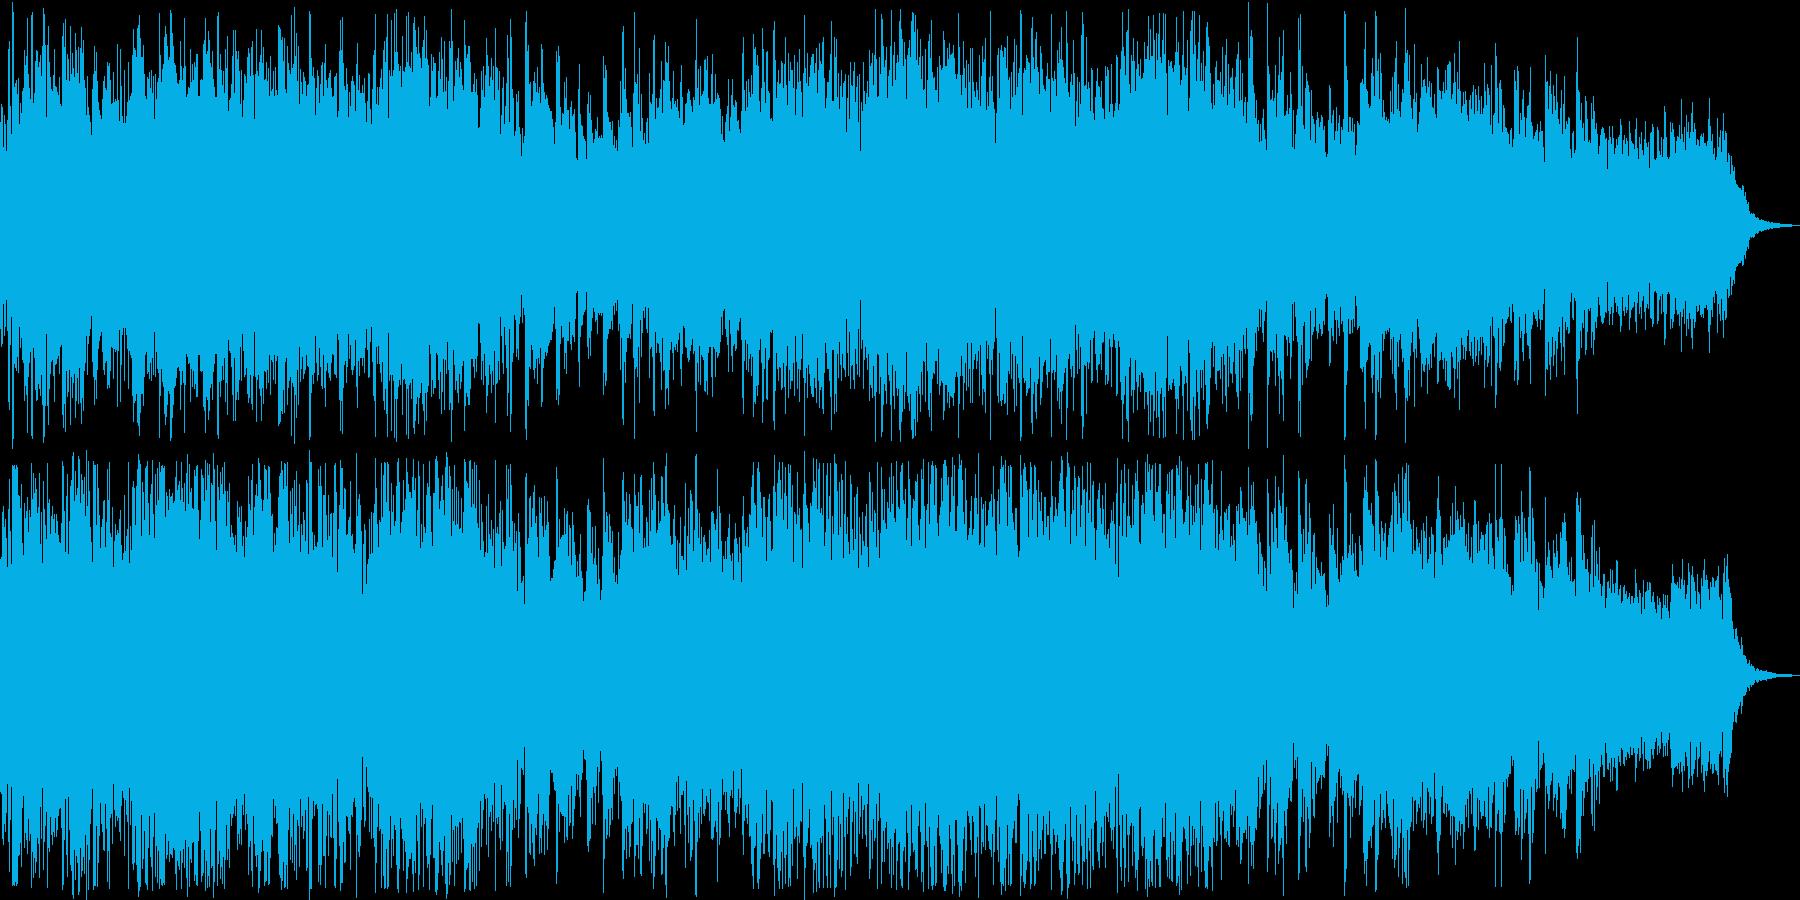 情緒溢れるリラクゼーションミュージックの再生済みの波形